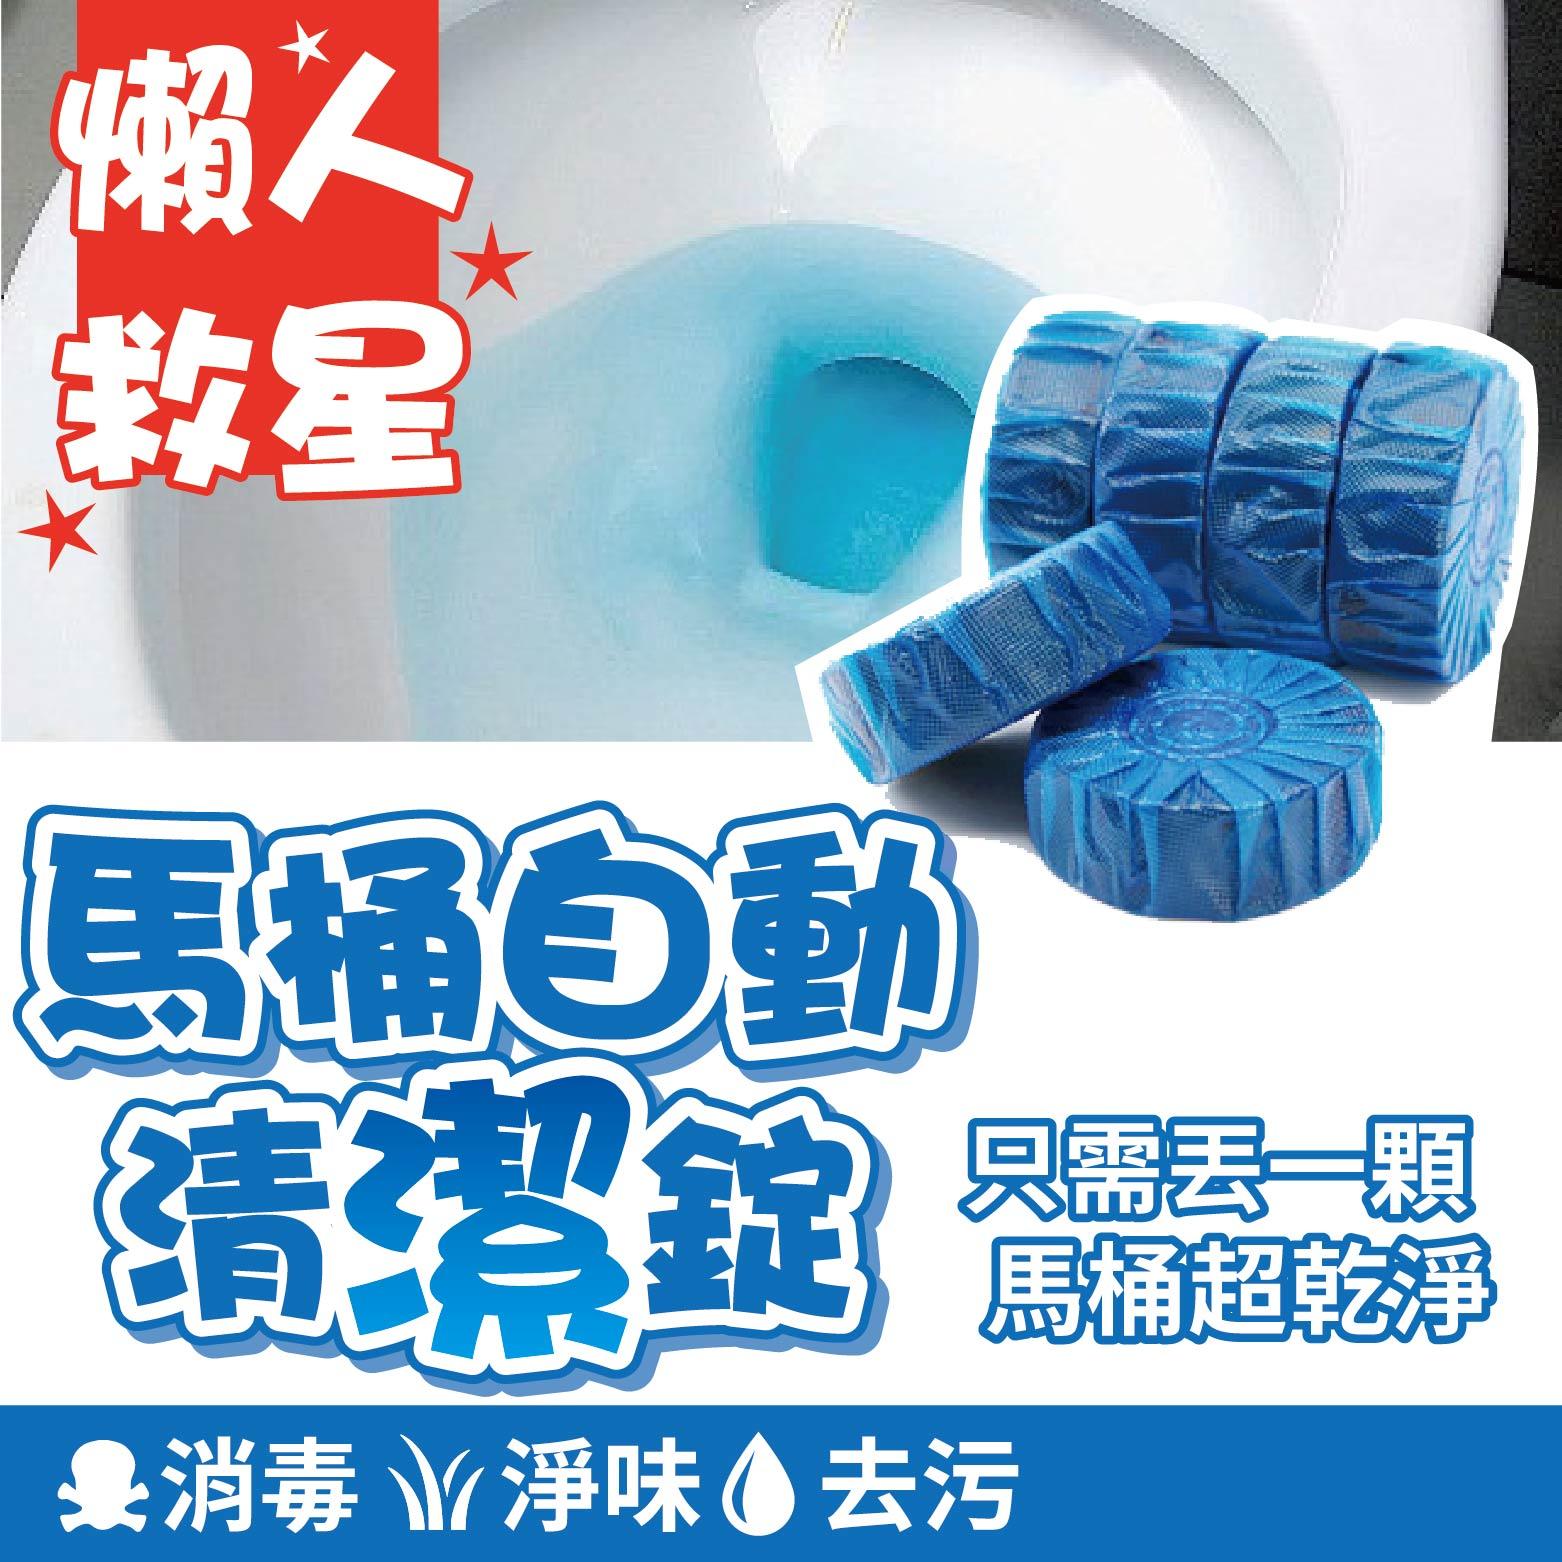 百寶袋 馬桶清潔錠 藍色清潔塊 藍藍香 藍色清潔錠 馬桶洗淨錠 去污錠【BE221】